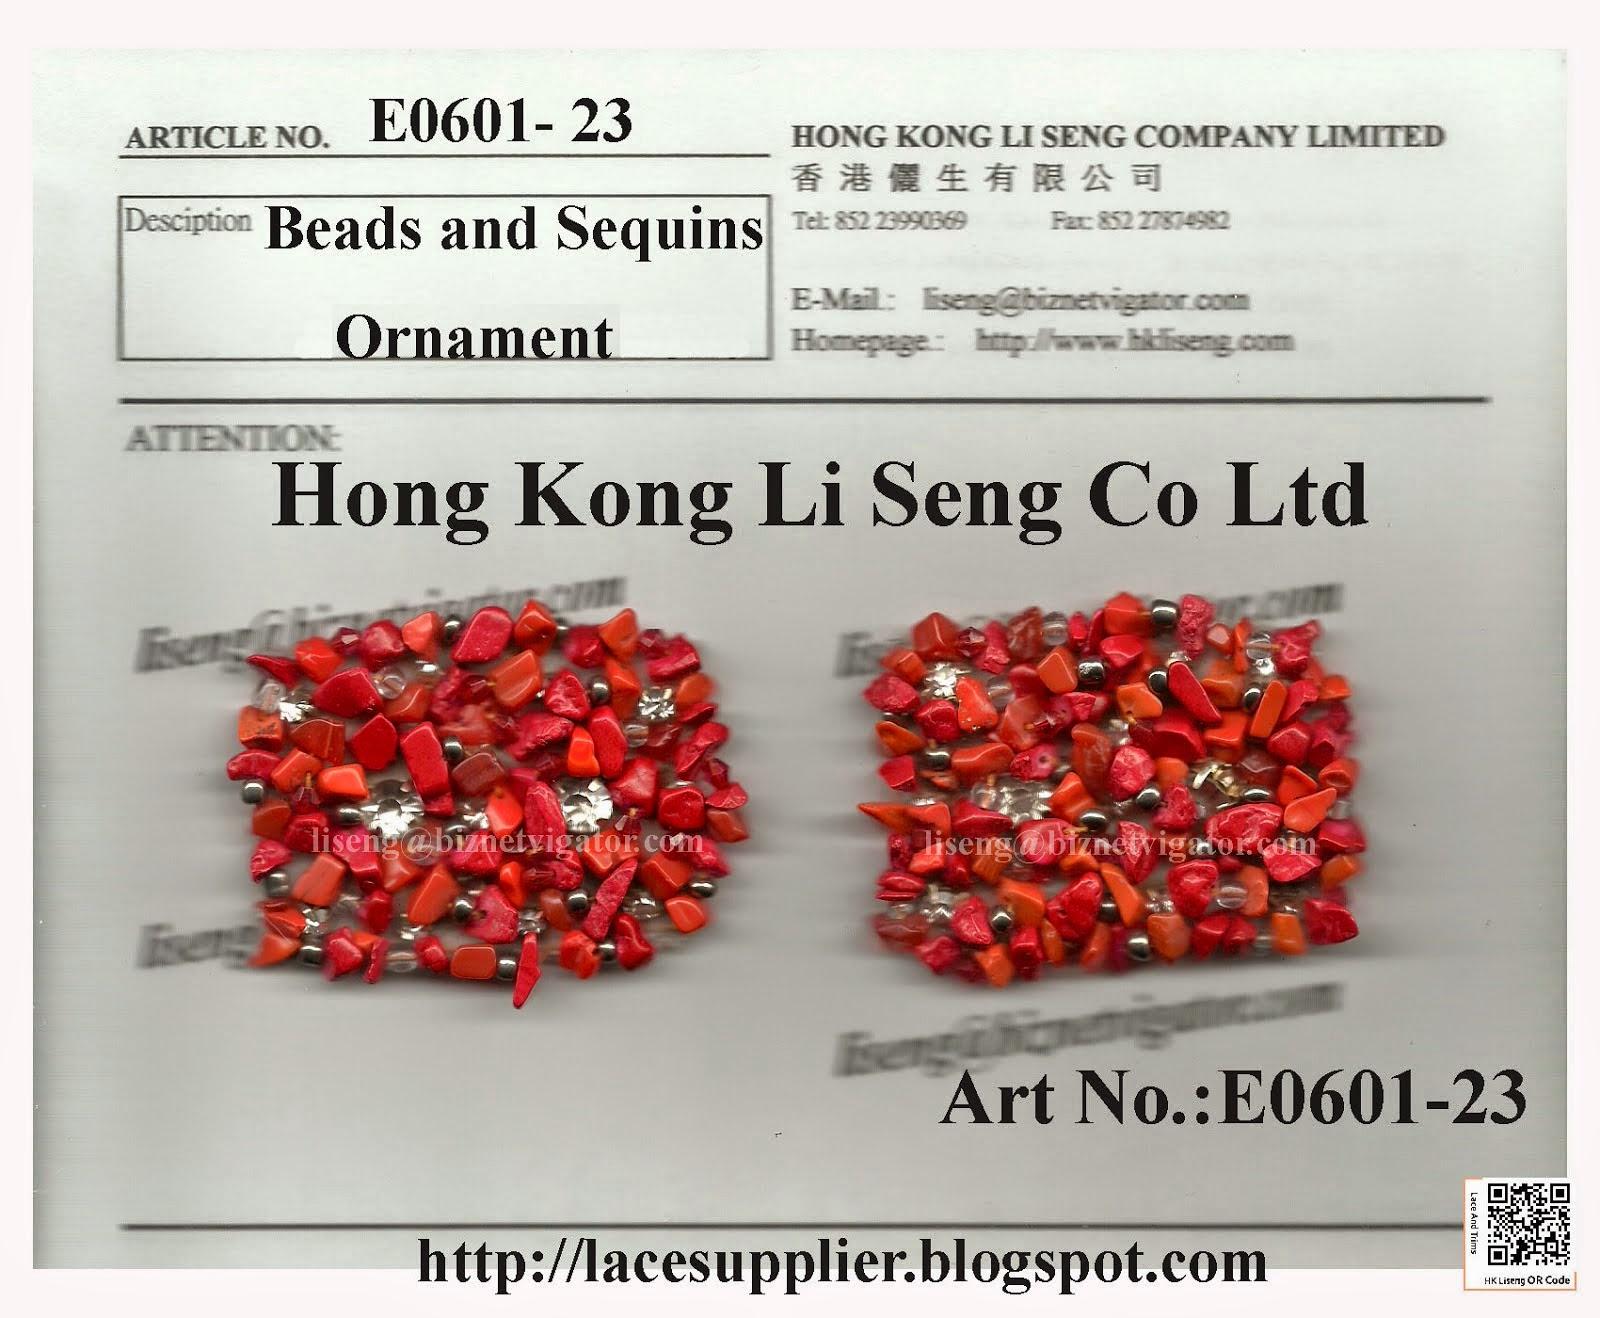 Beads and Sequins Ornament Manufacturer Wholesaler Supplier - Hong Kong Li Seng Co Ltd